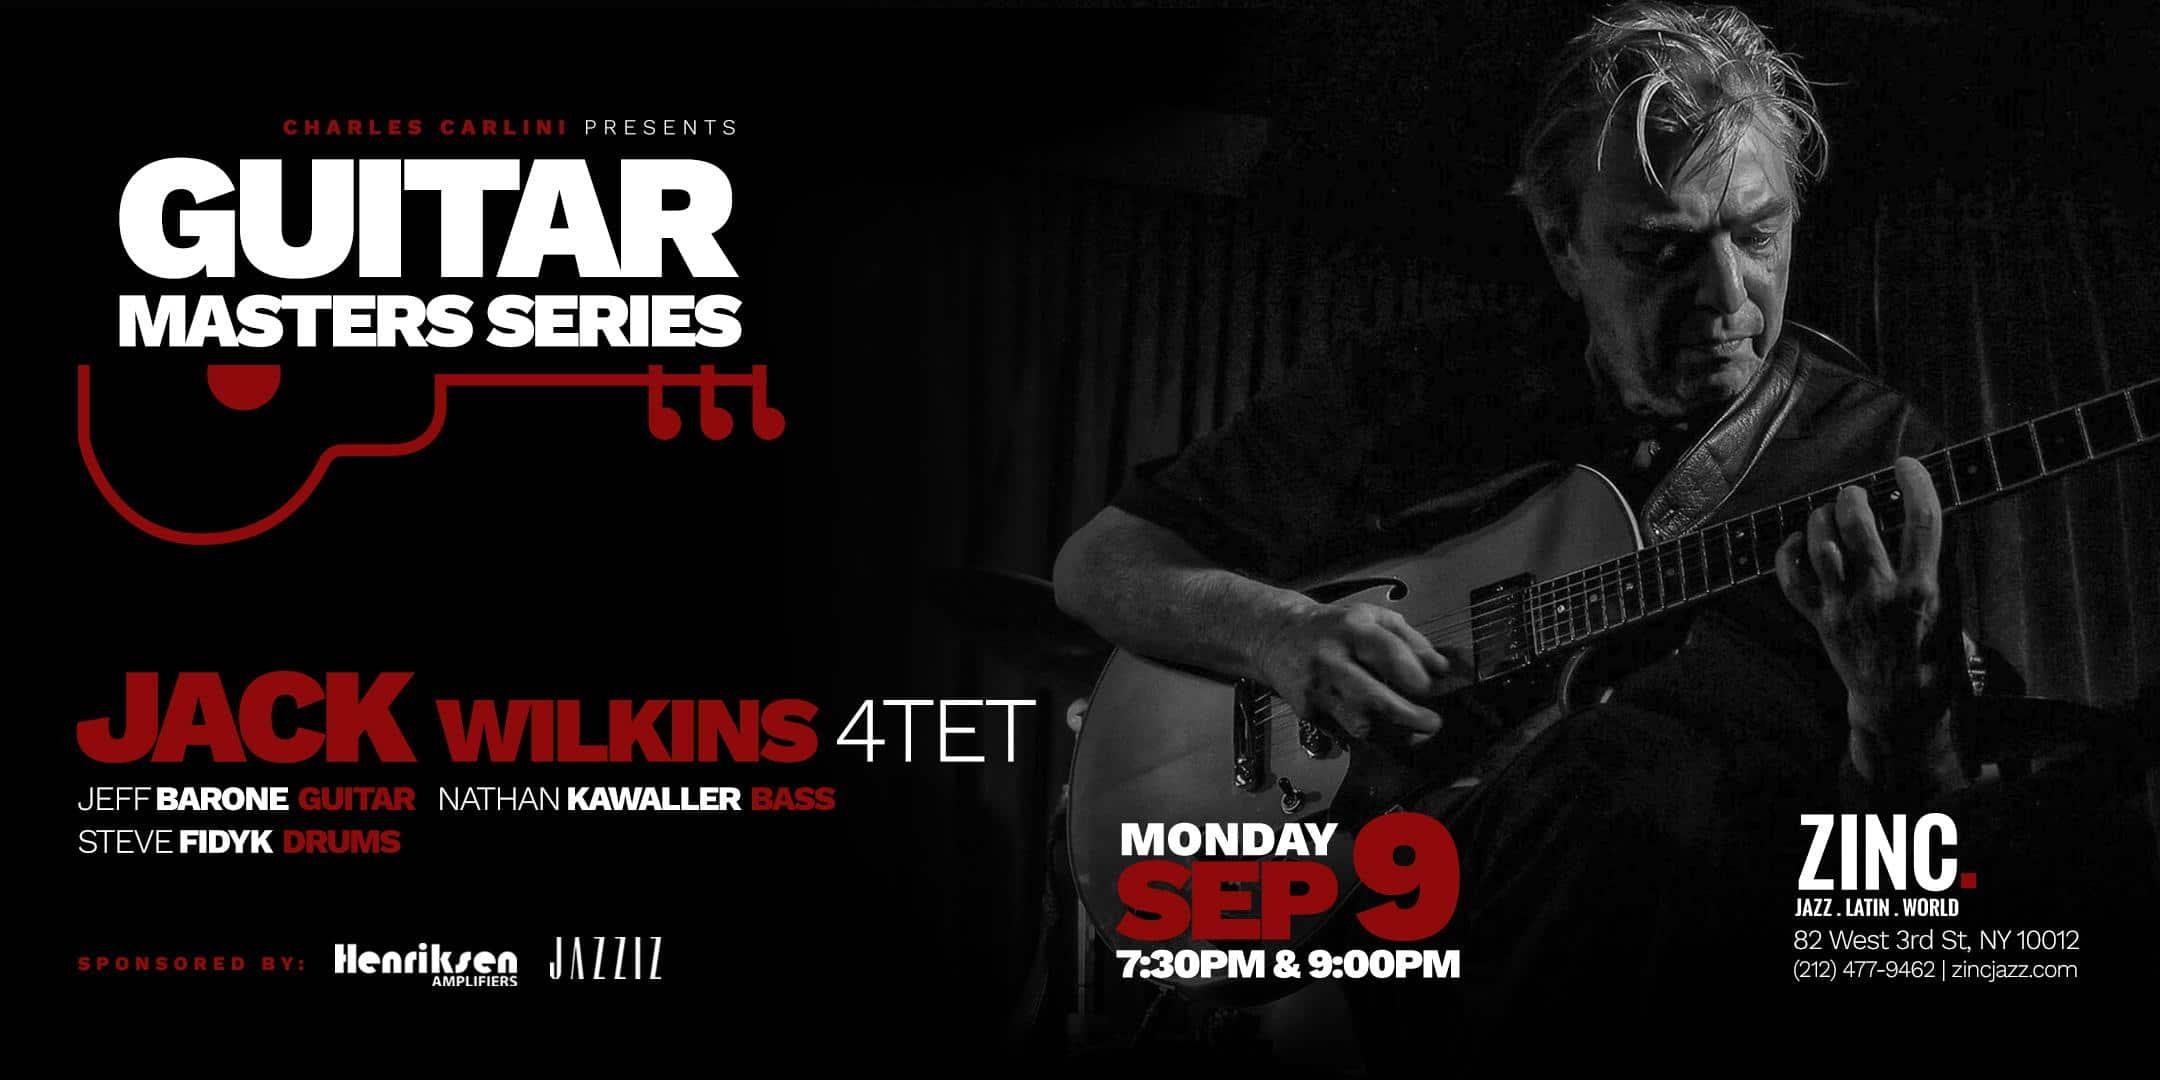 Guitar Masters Series: Jack Wilkins